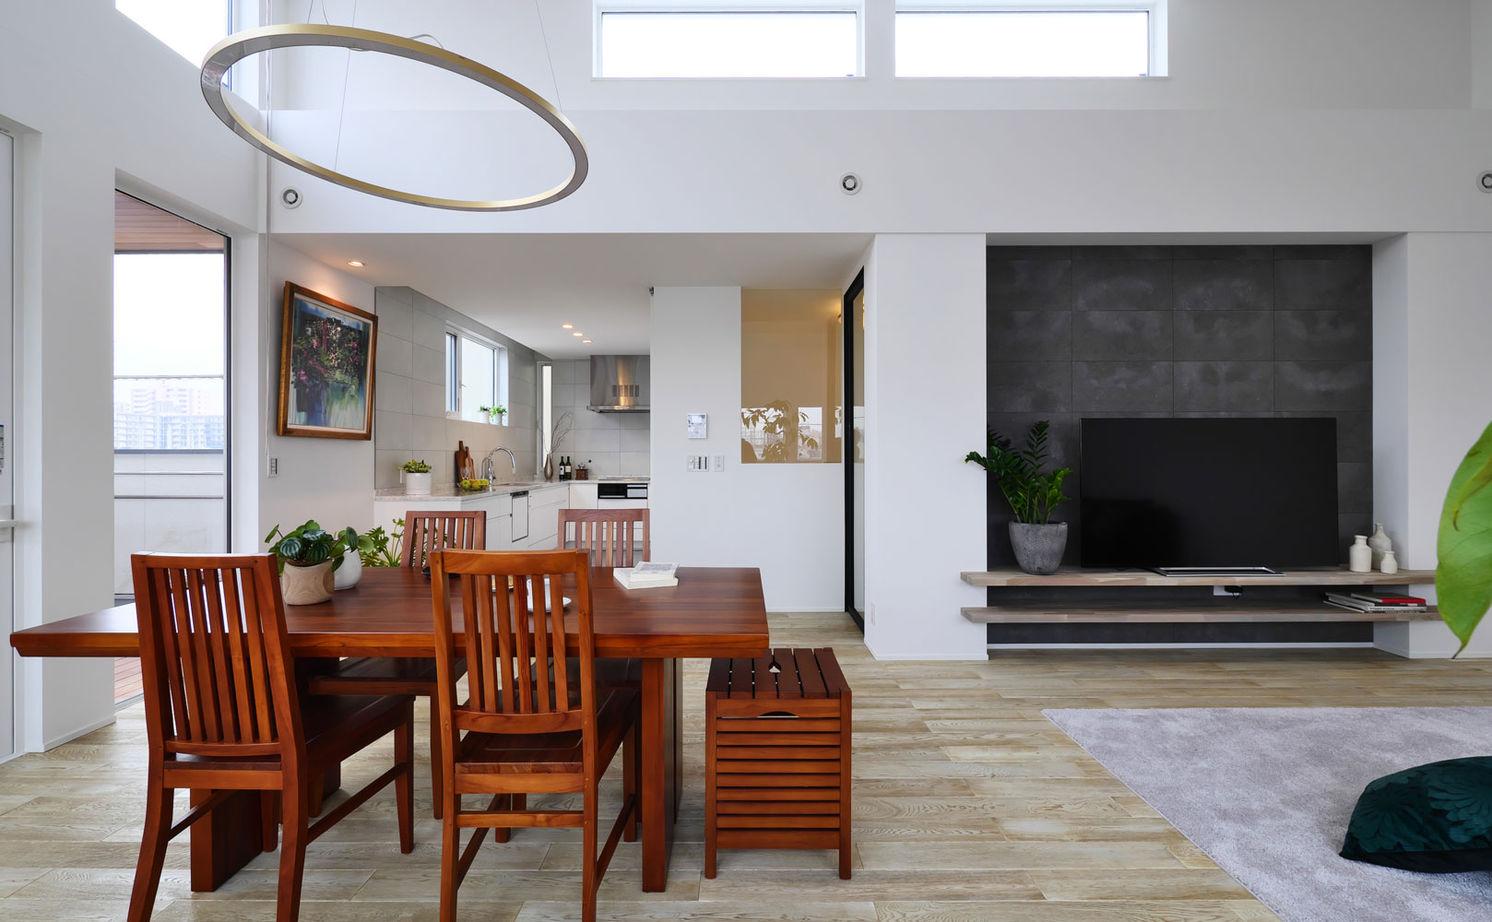 【2750万円/北向き】二階リビングで高天井を実現 緑と暮らすアウトドアリビングのある家画像3